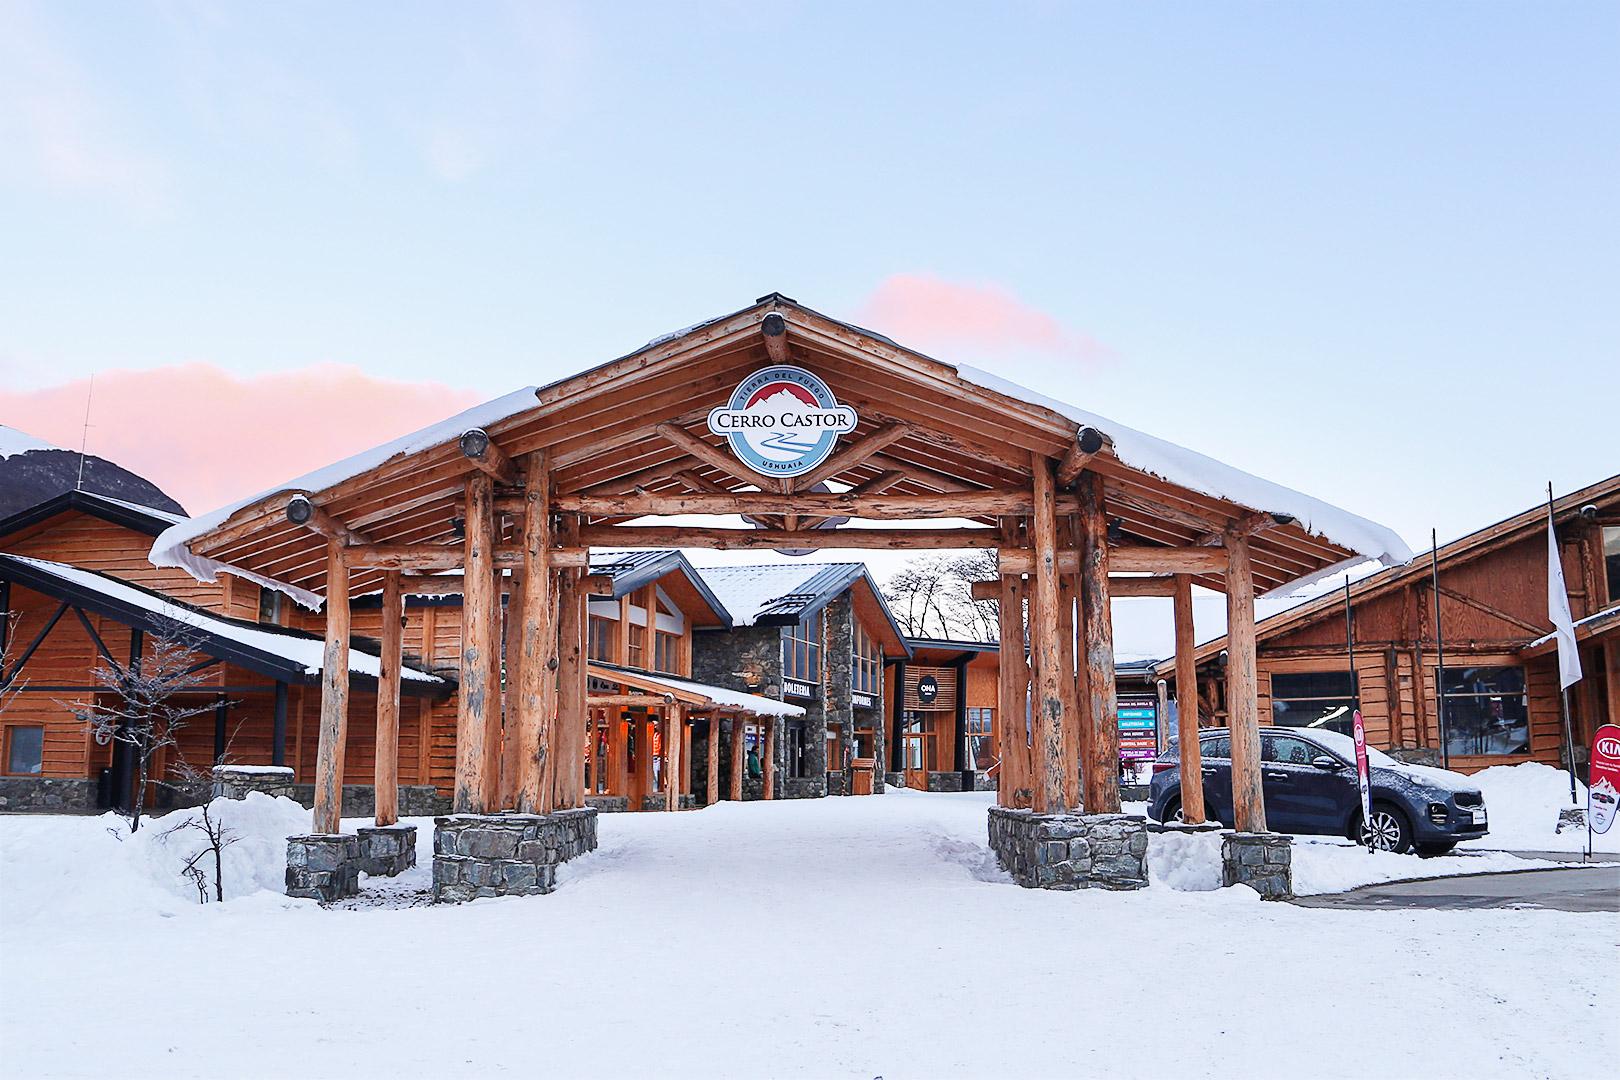 Cerro Castor Ski Resort